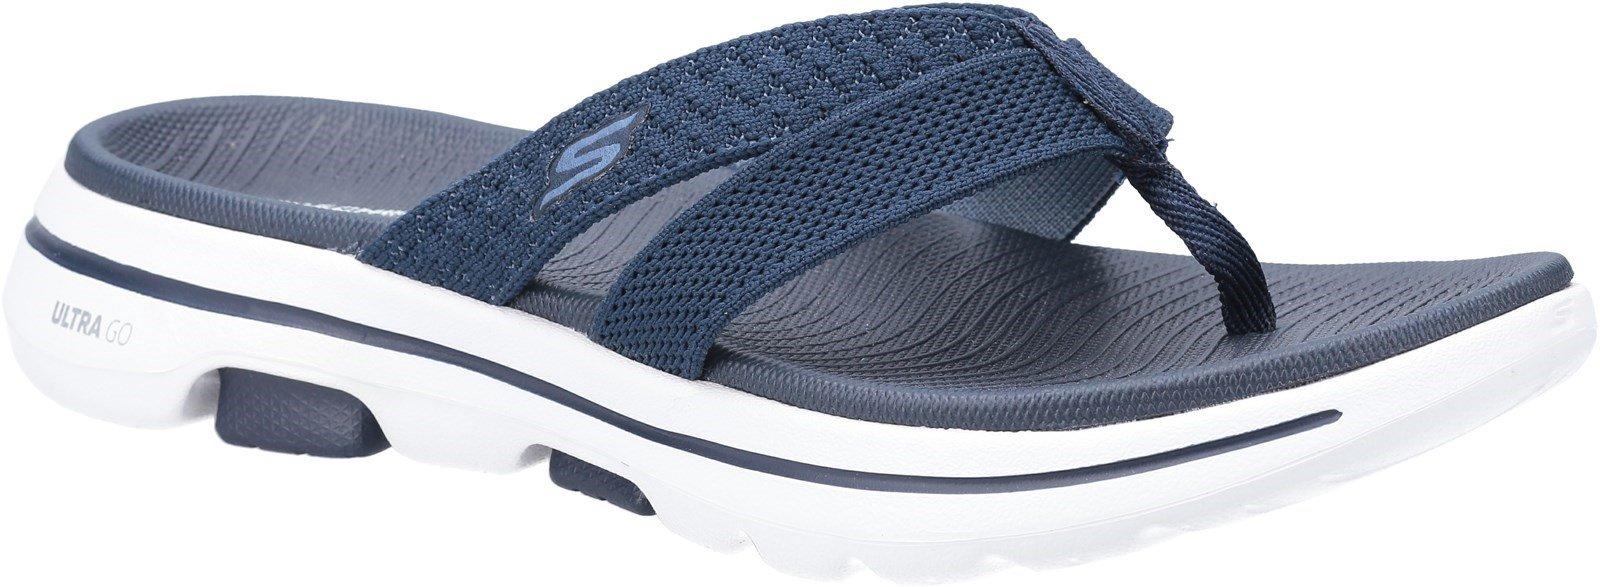 Skechers Women's Gowalk Slip On Sandal Various Colours 30354 - Navy 3